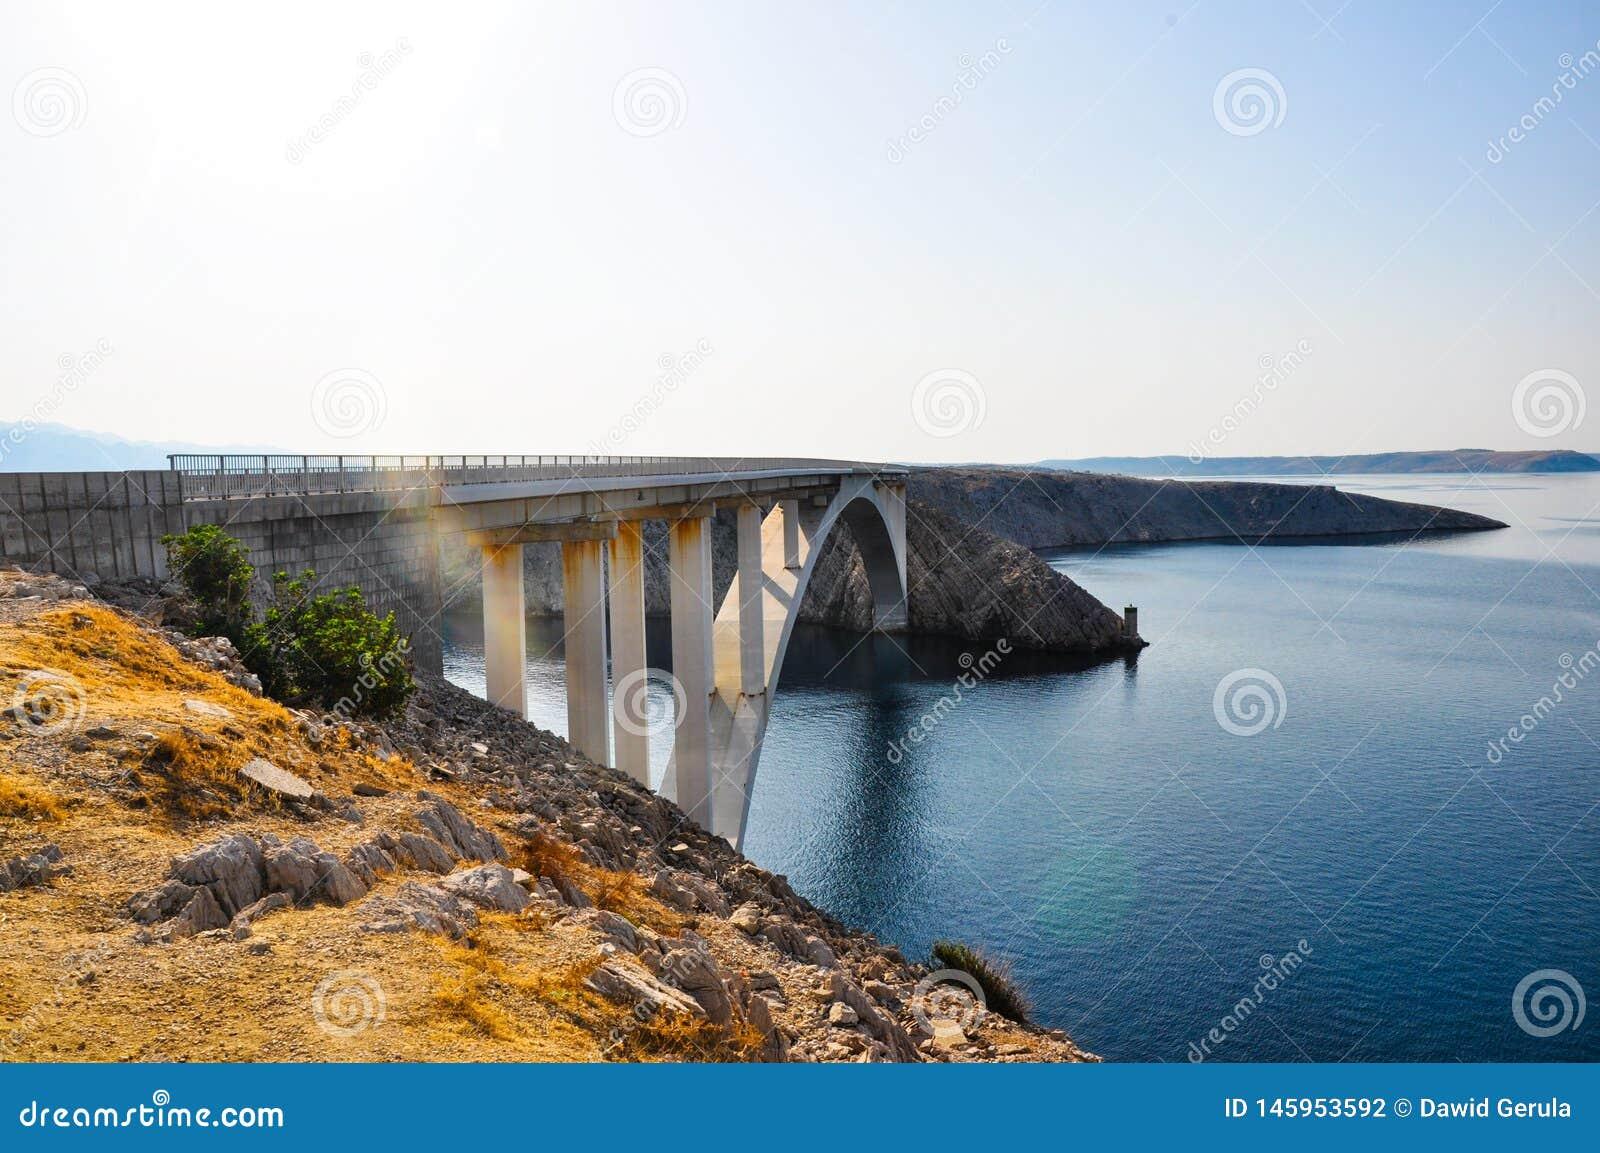 Pasek most na chorwackiej wyspie Pag, widzieć od strony Chorwacki wybrzeże i drogi